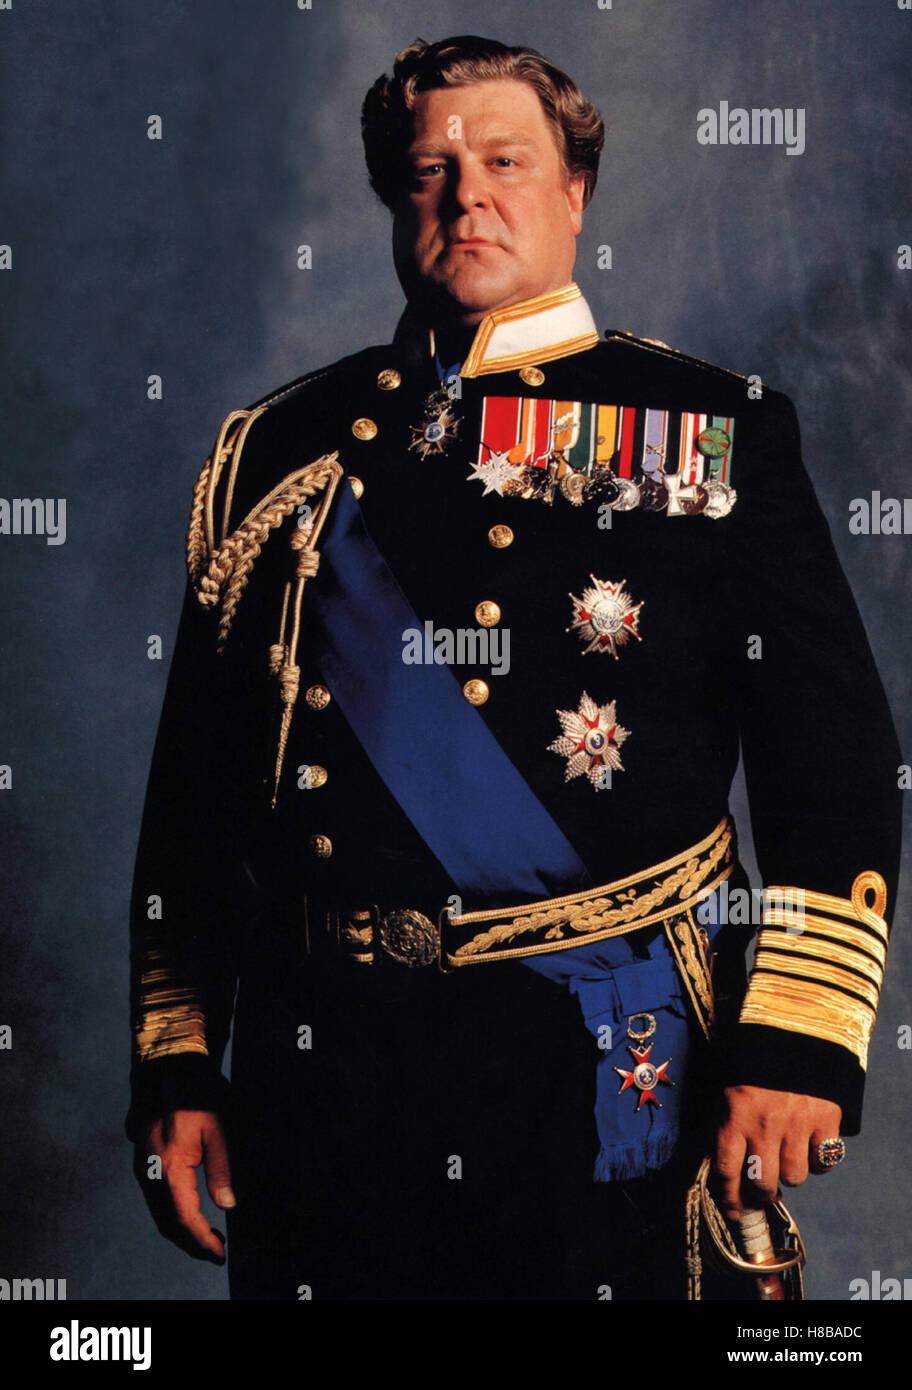 king-ralph-king-ralph-usa-1990-regie-dav